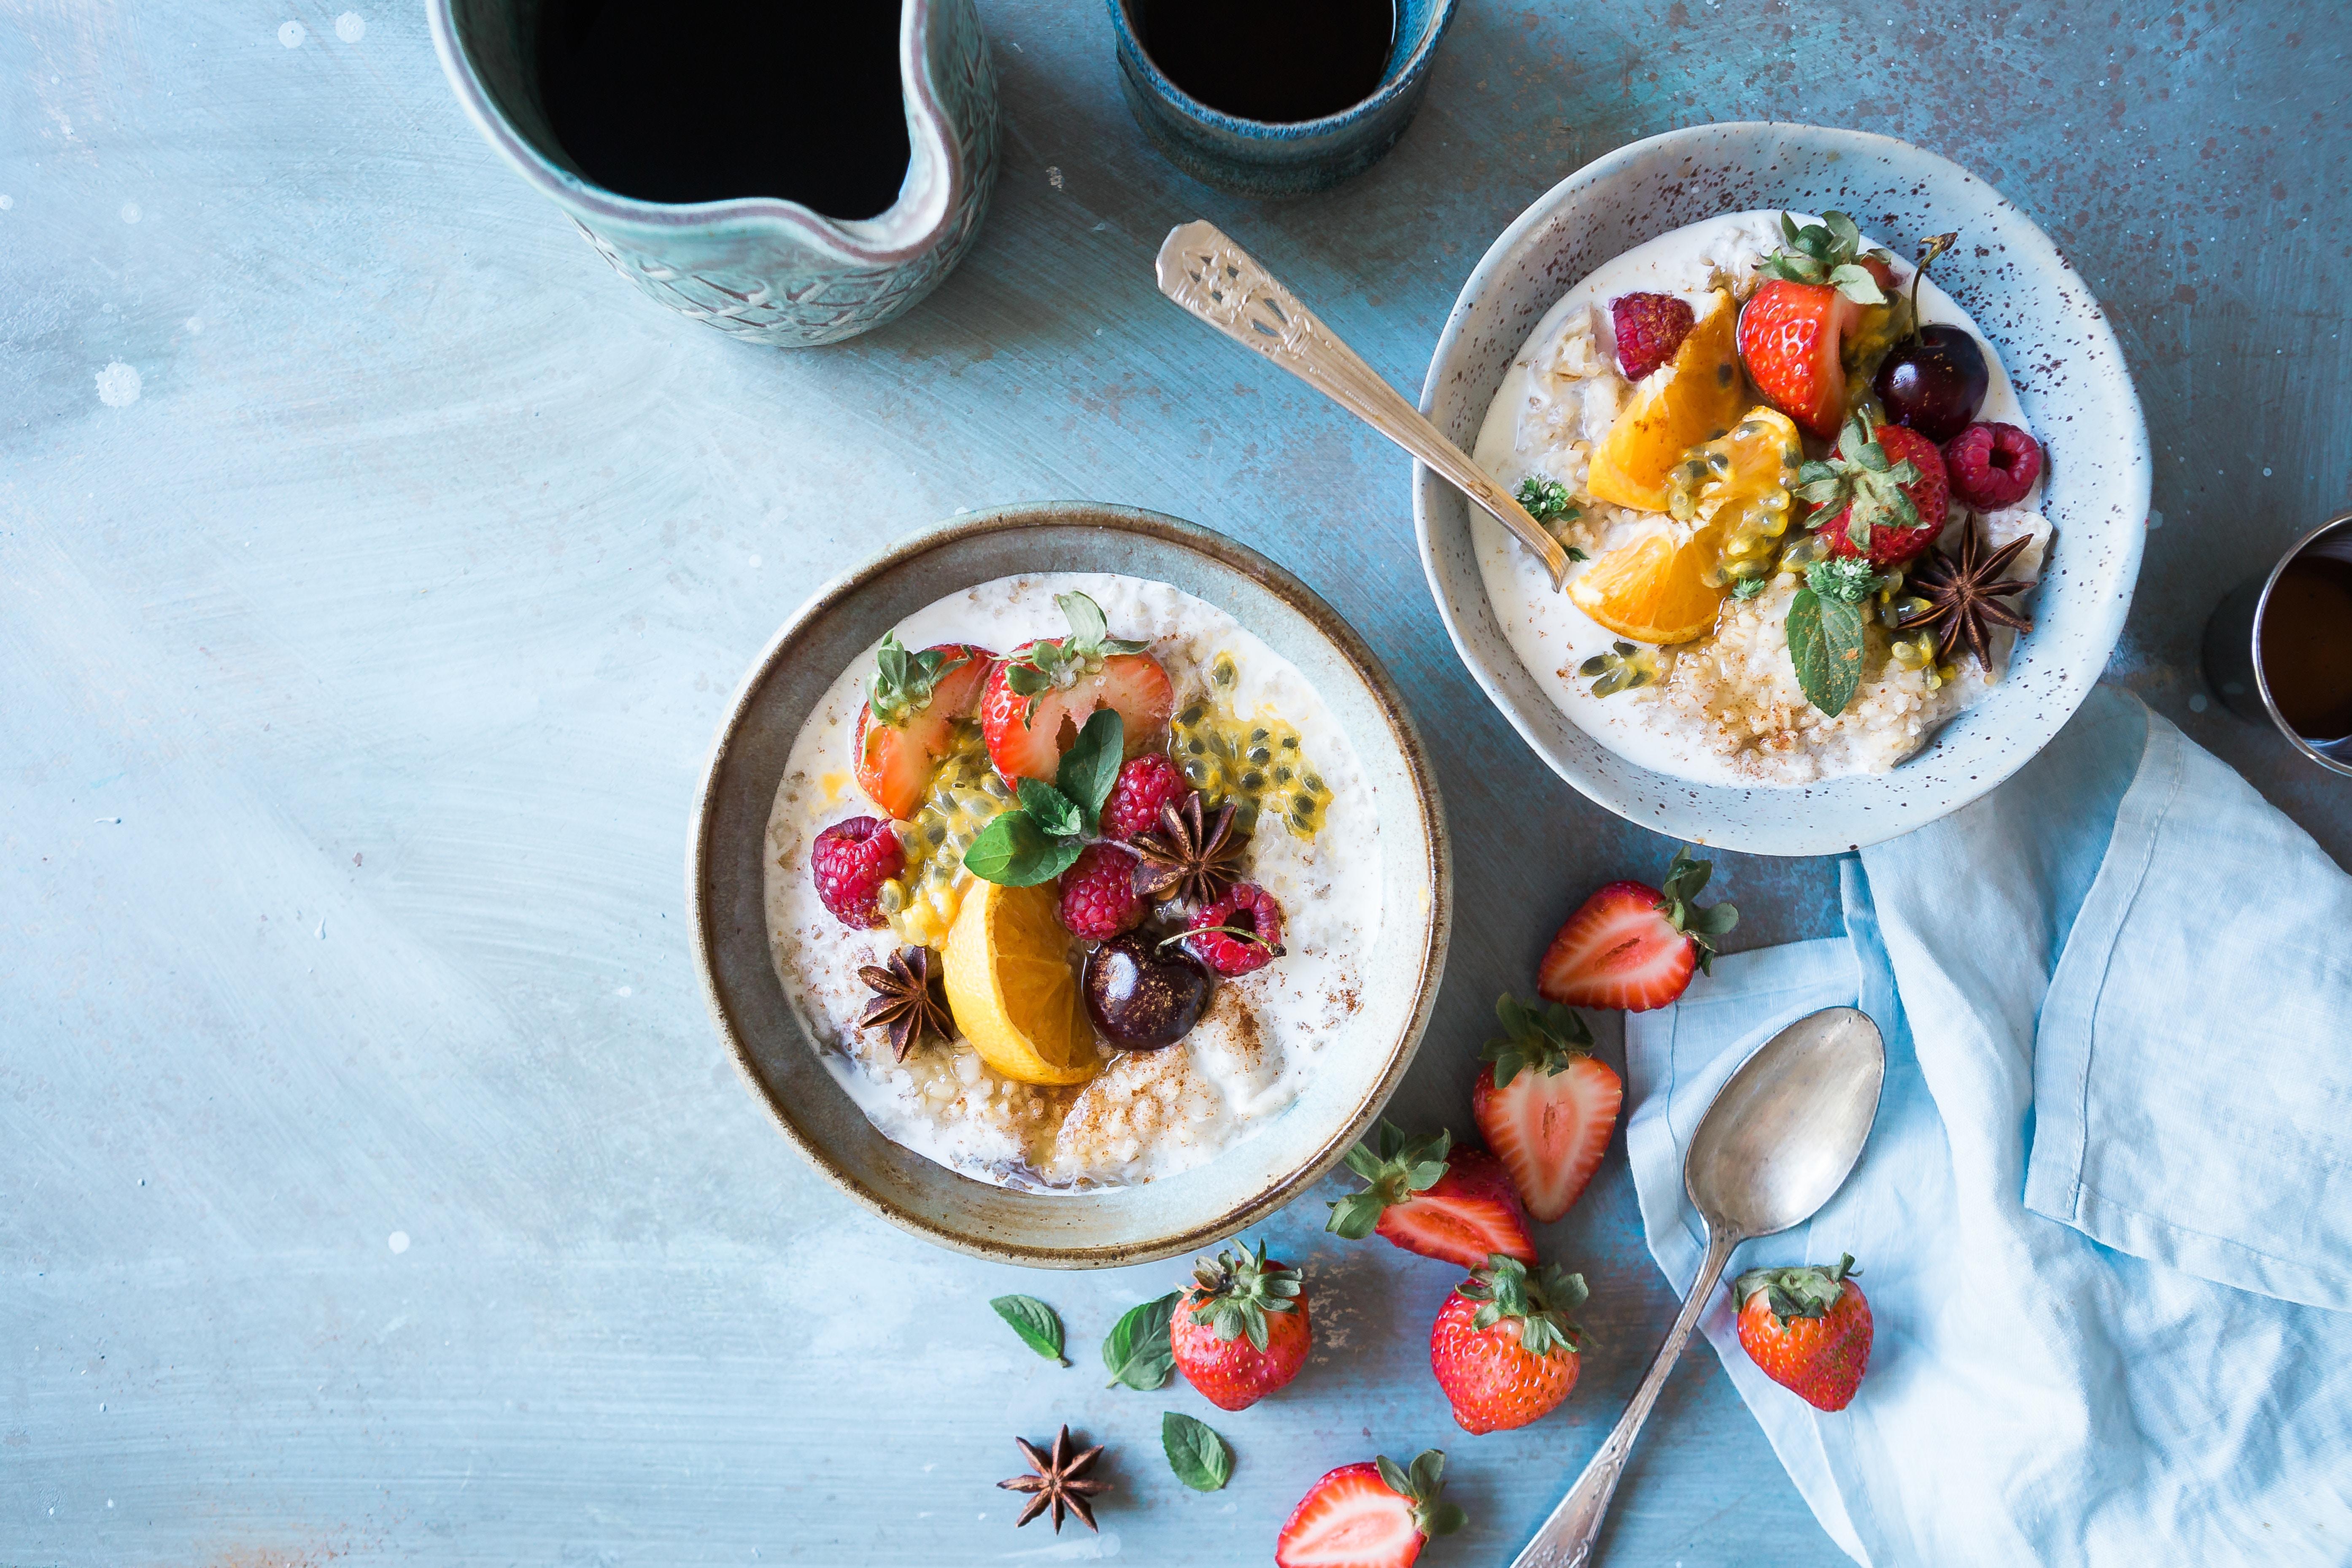 Светлые красивые картинки с фруктами и едой вкусной, надписью мурзик